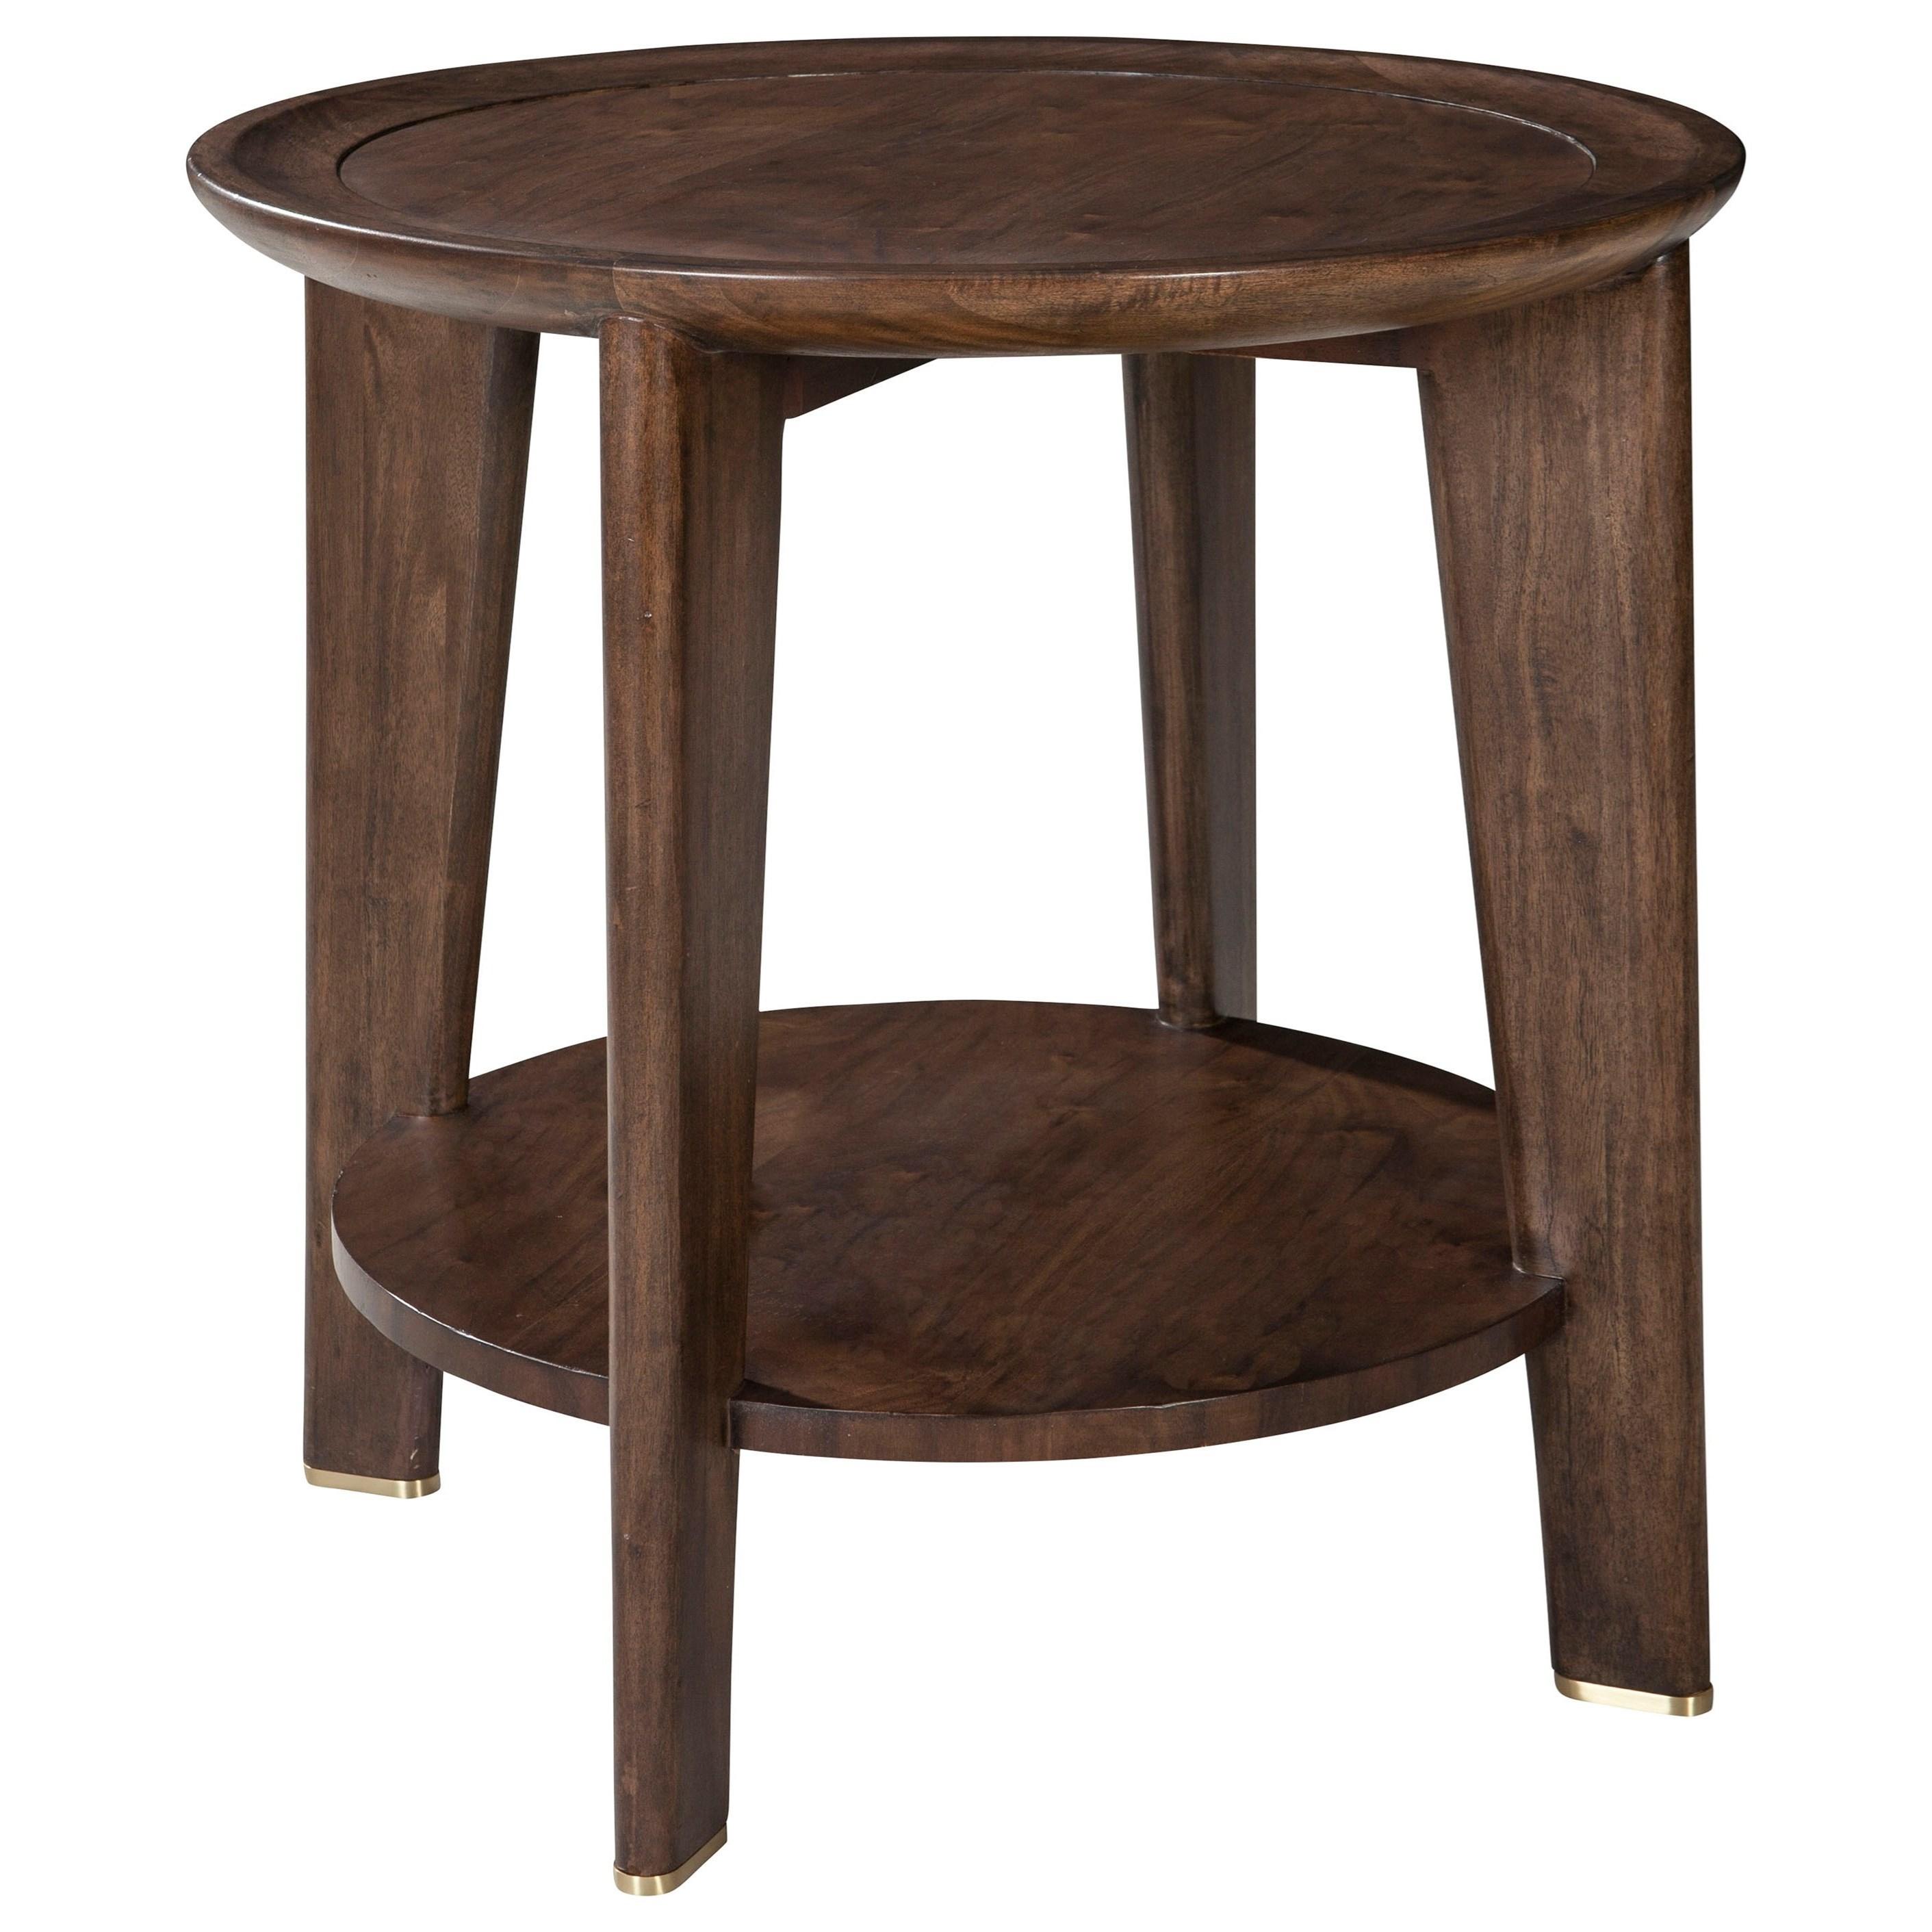 ED Ellen DeGeneres Crafted by Thomasville   Feret End Table - Item Number: 85831-230